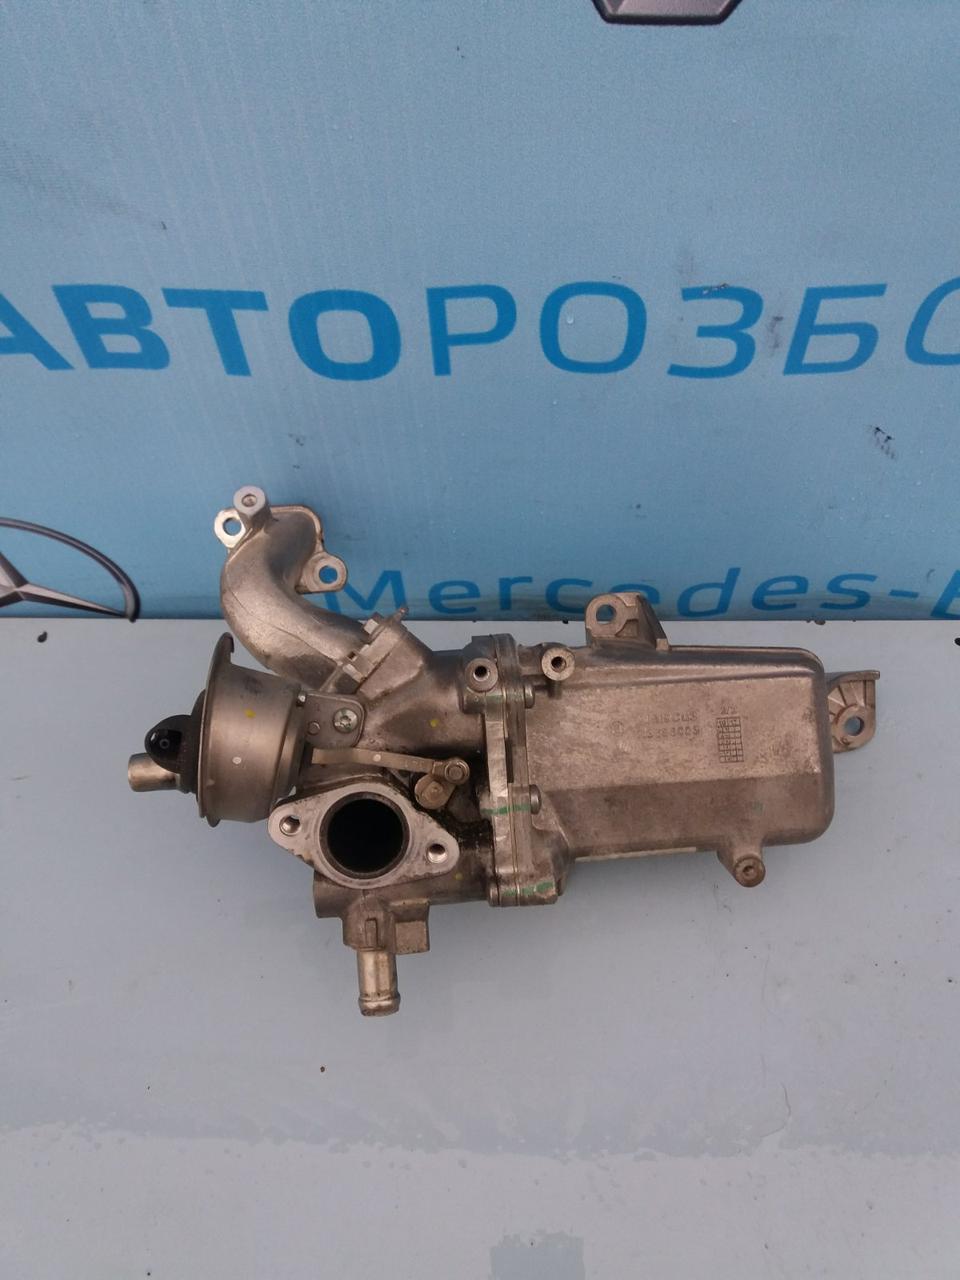 Теплообмінник EGR 147357086r для Ніссан НВ 300 1.6 dci Nissan NV300 2014-2019 р. в.